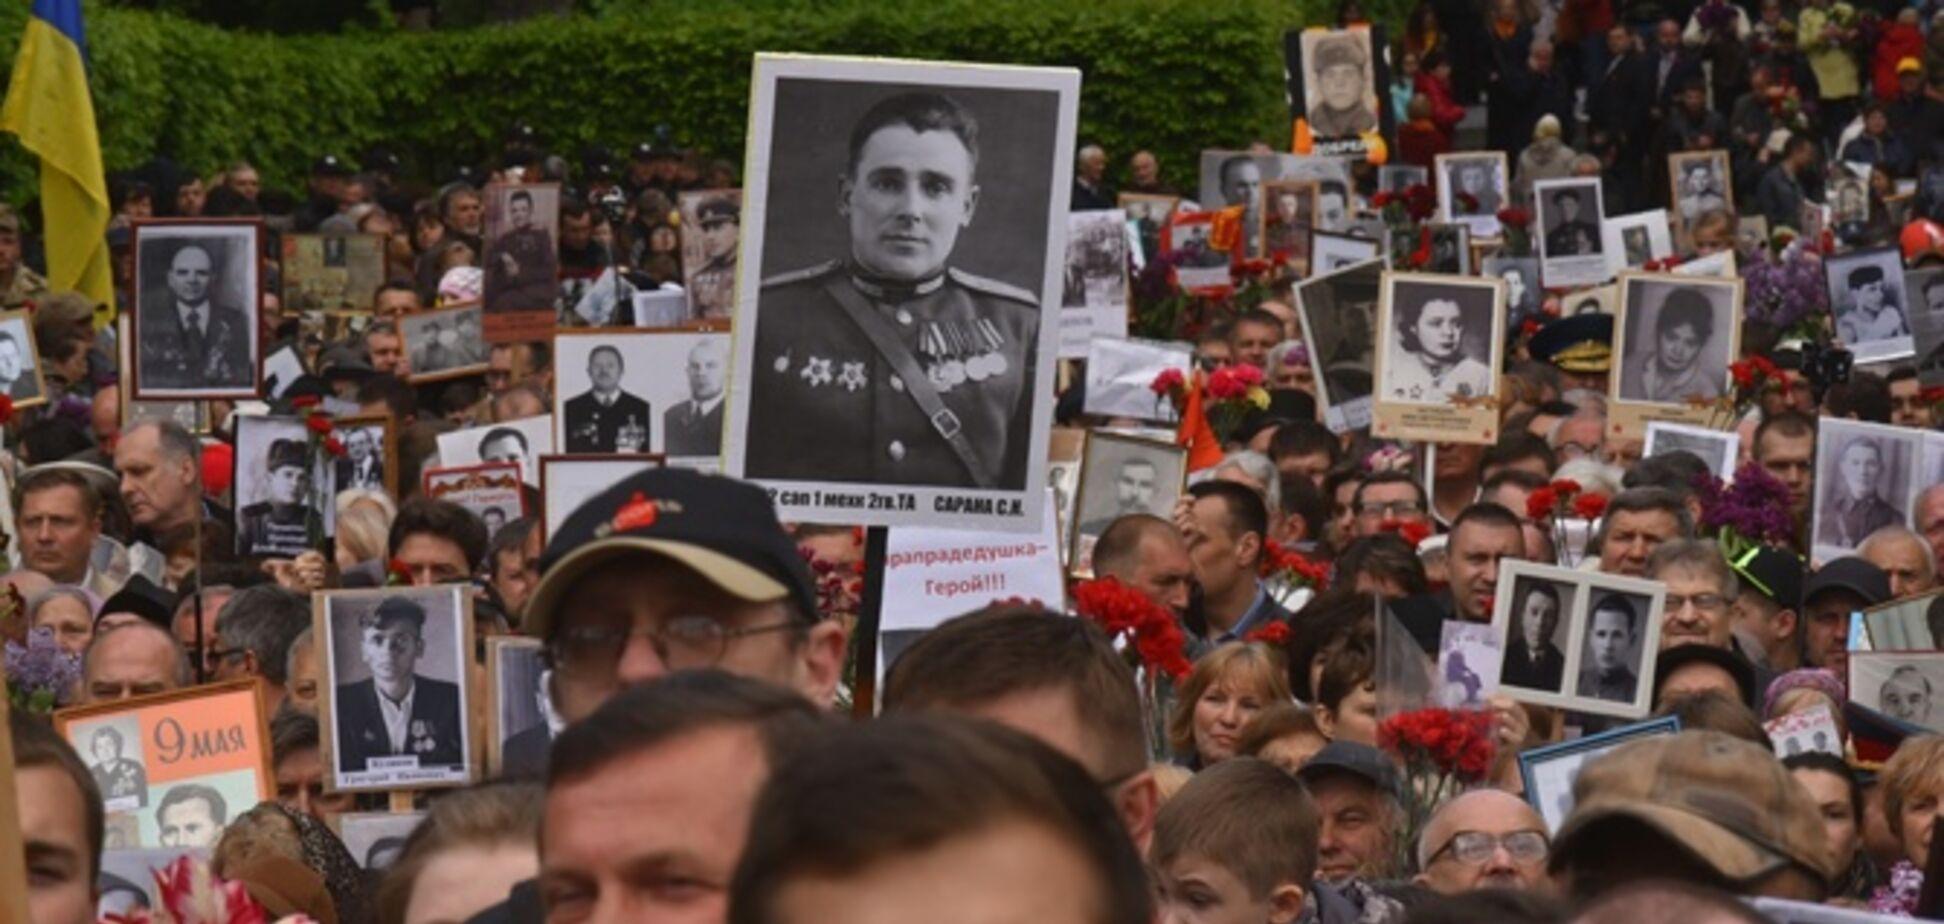 9 мая в Киеве: 'Бессмертному полку' пообещали 'теплый' прием